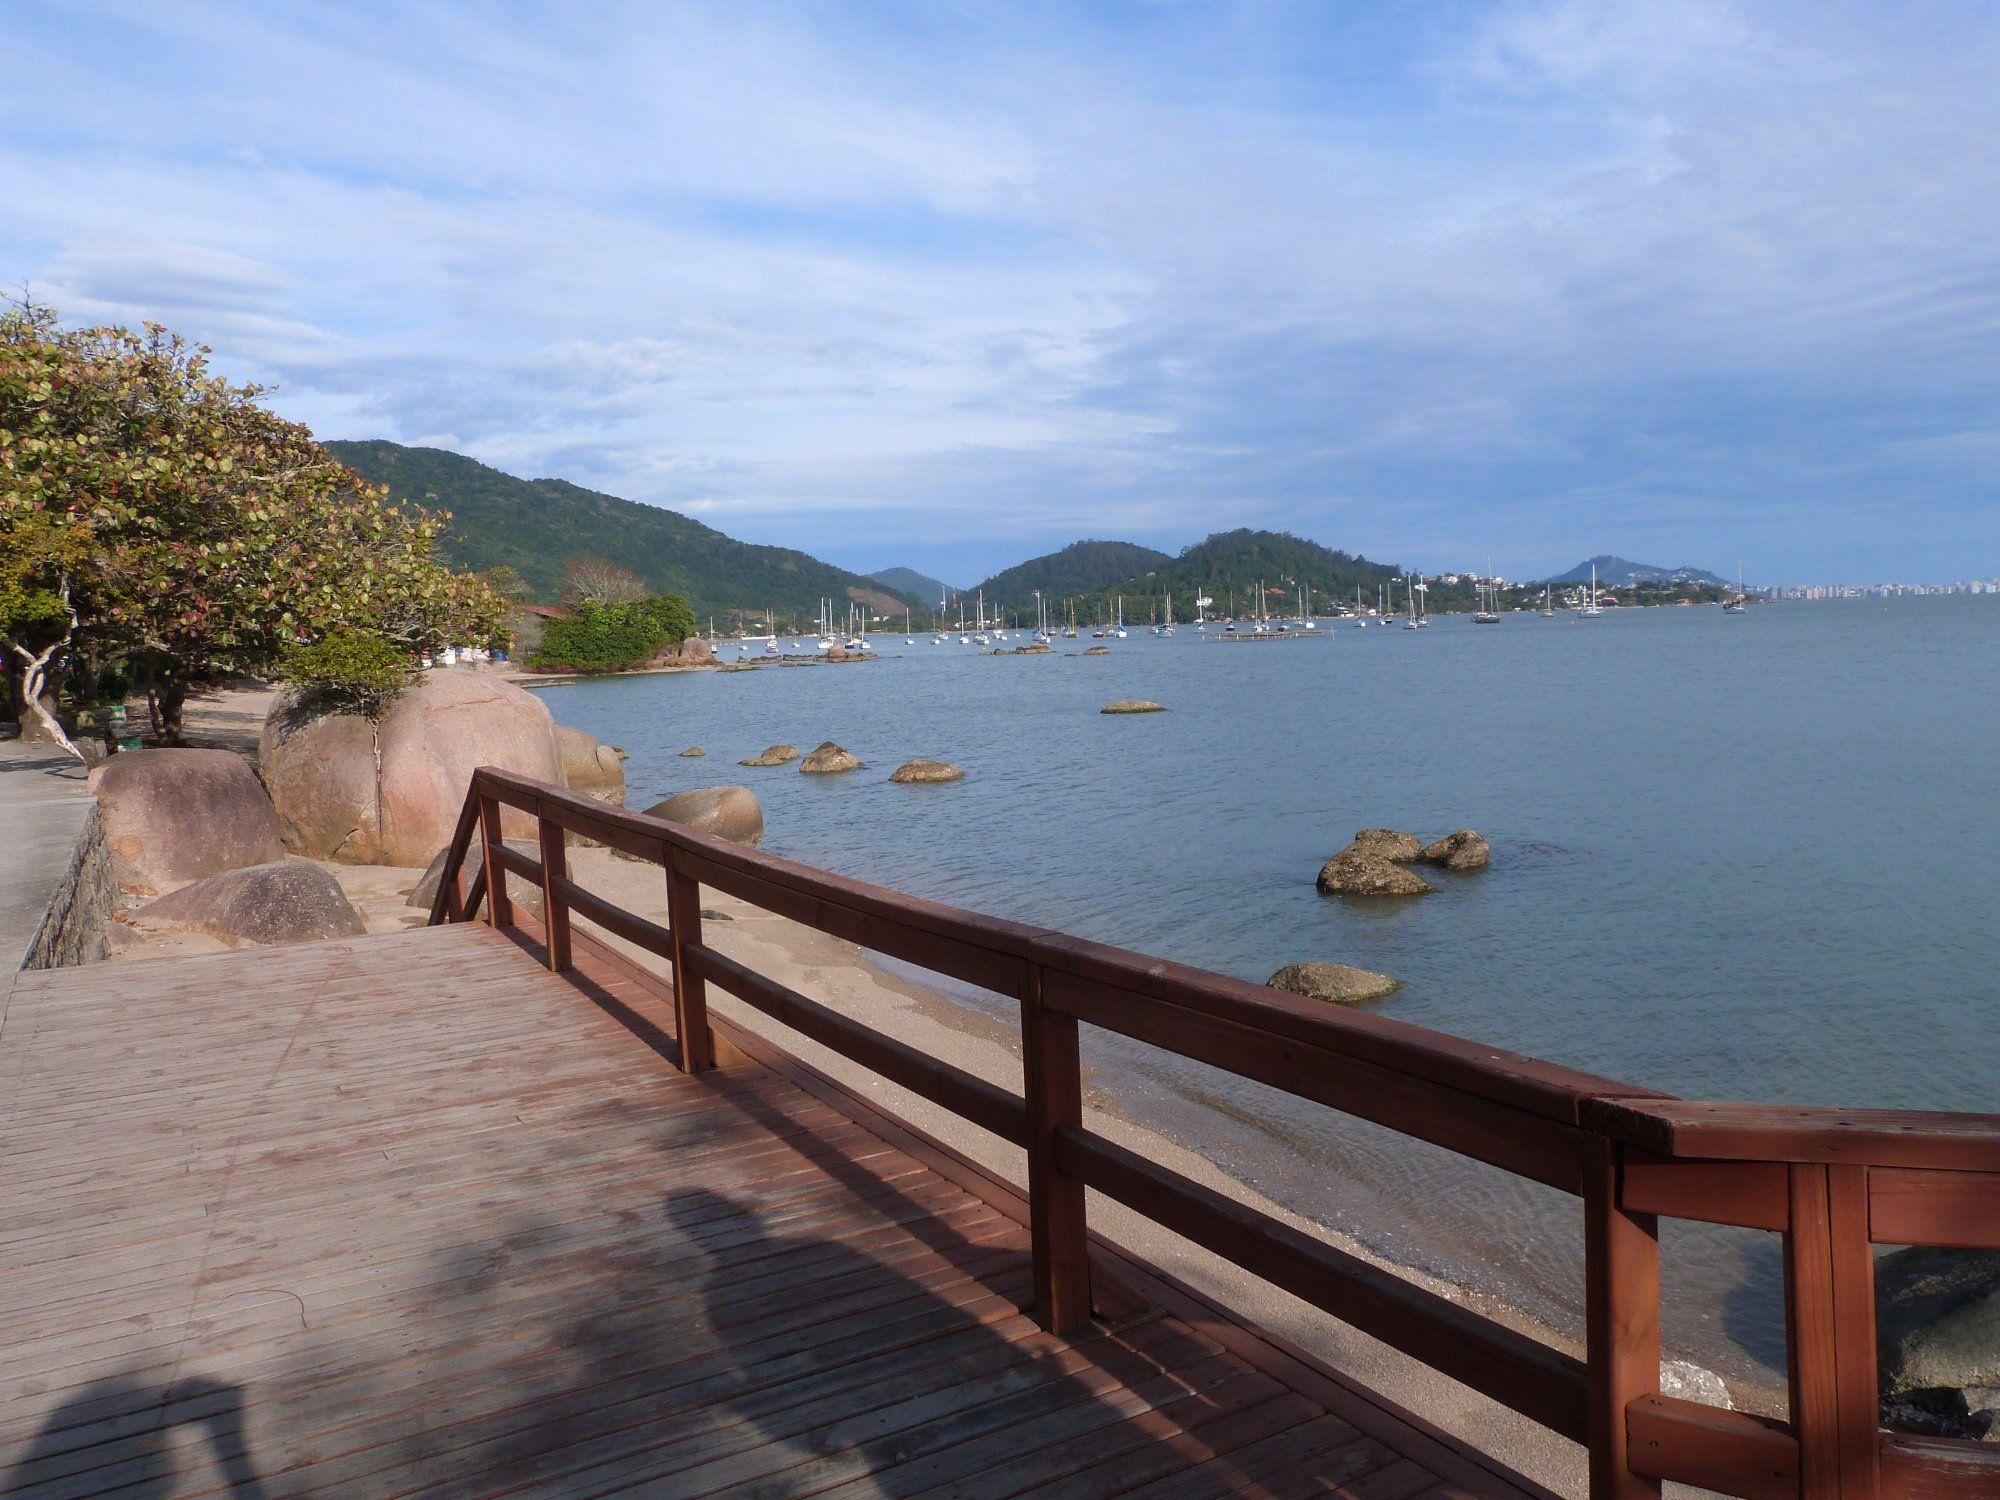 540e993952e2 Praia Do Sambaqui (Florianópolis) - O que saber antes de ir - TripAdvisor